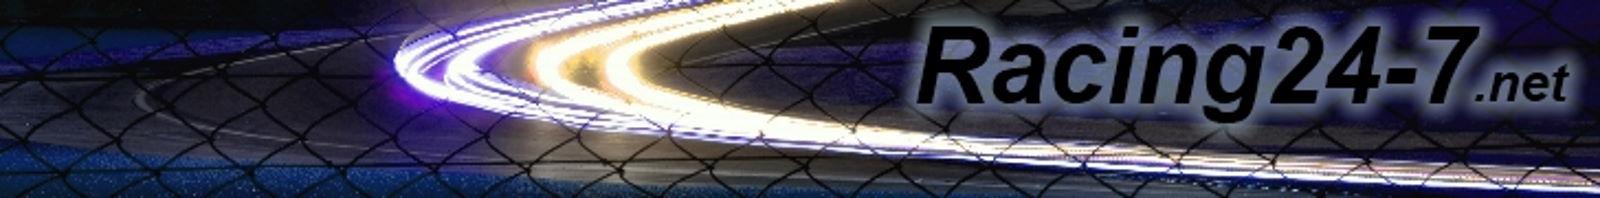 Racing24-7.net